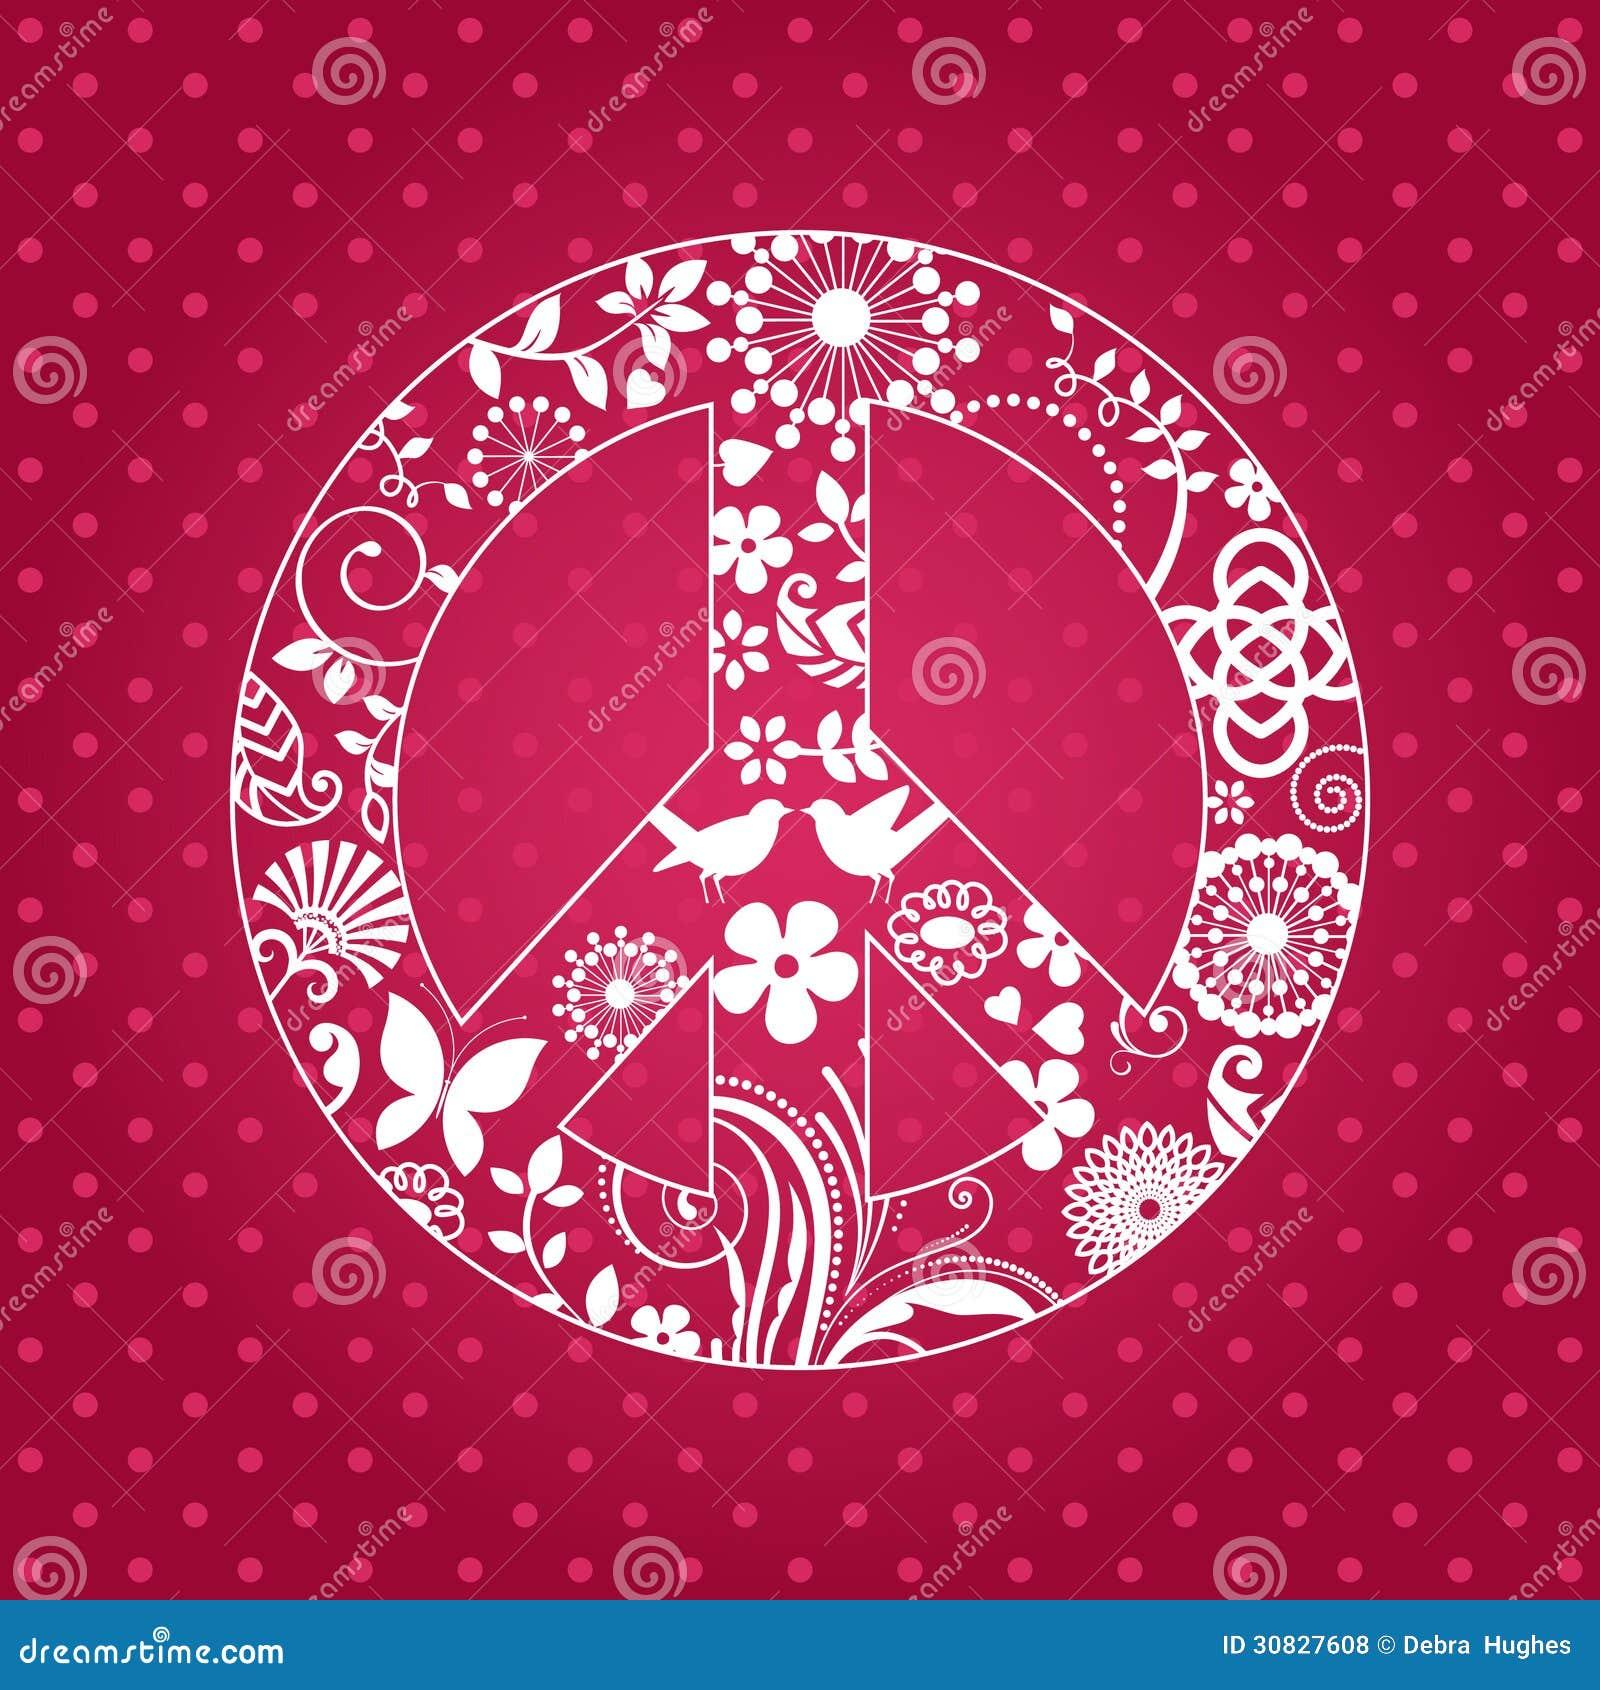 Signo de la paz de Patterened